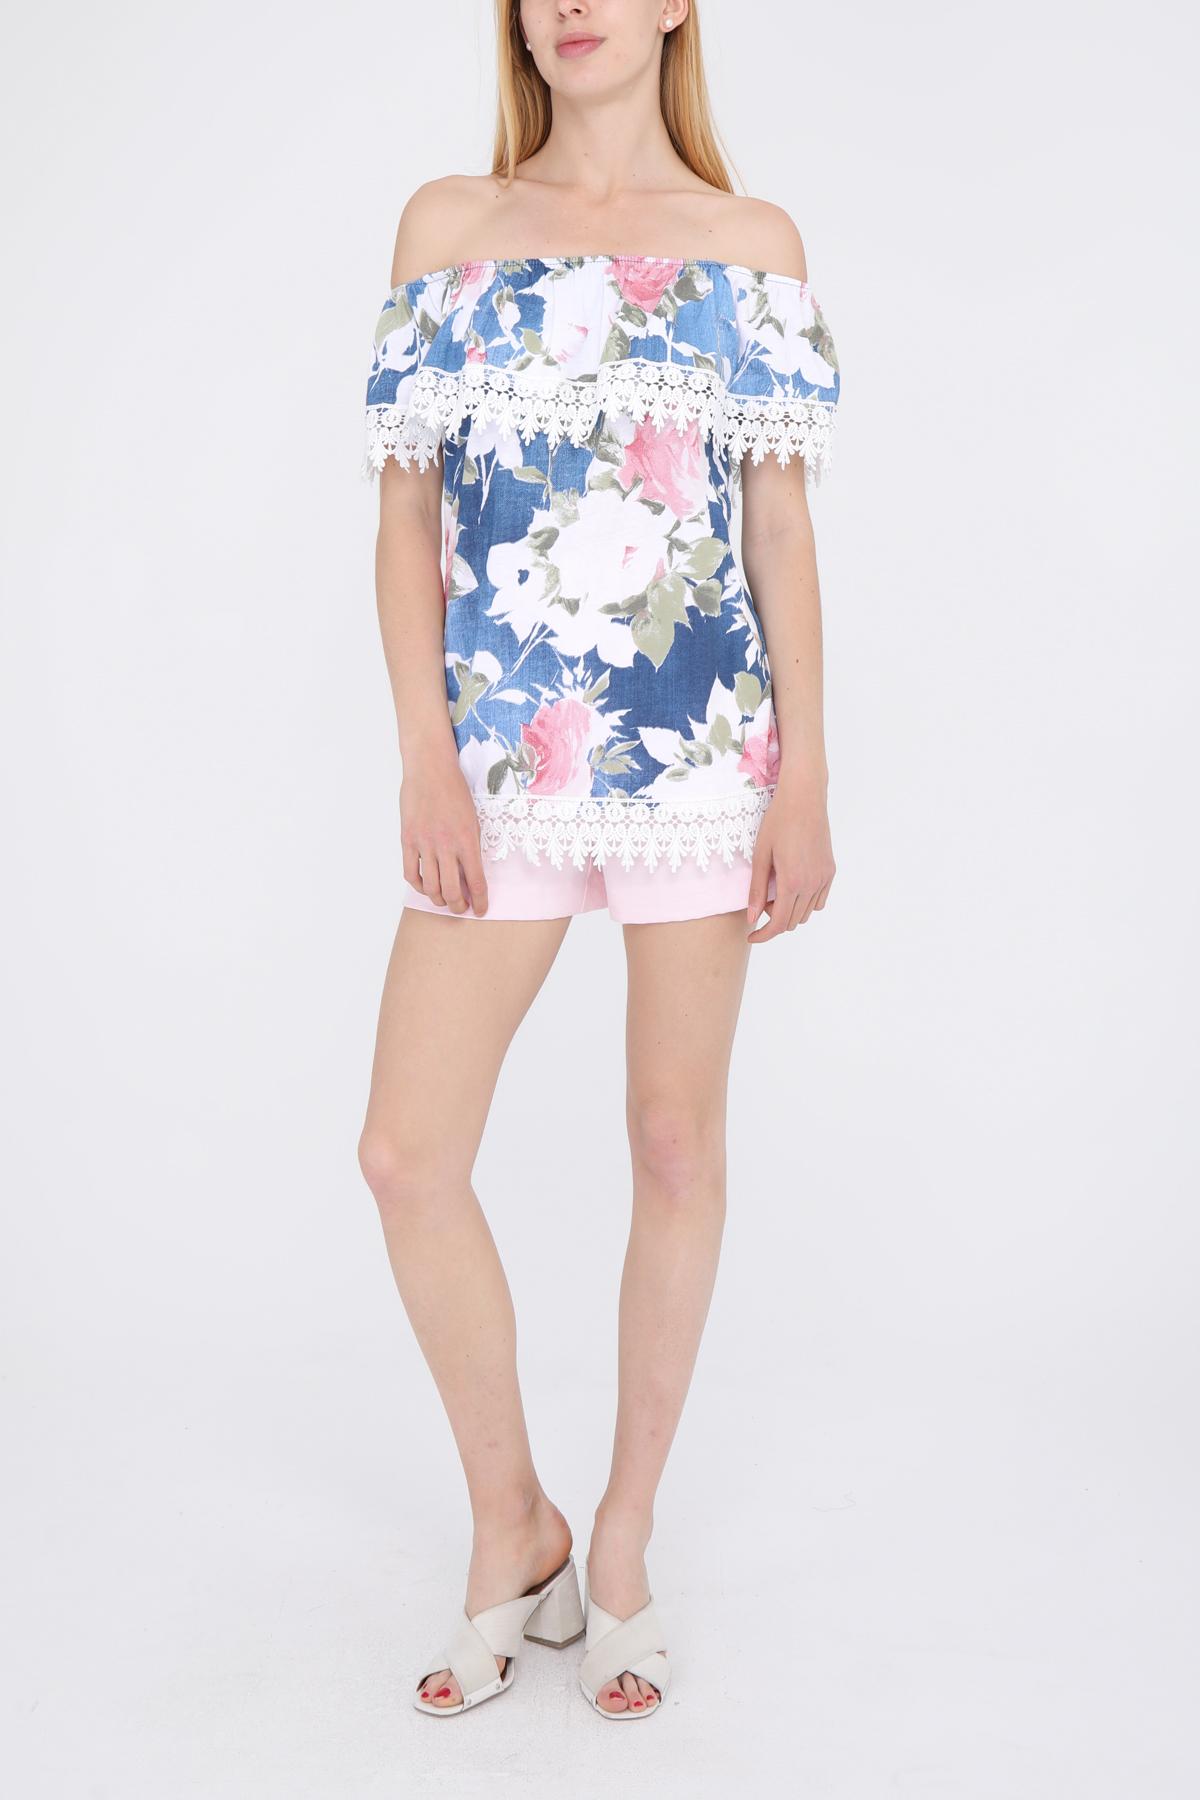 Tops Femme Blanc CBELLE TP12 #c eFashion Paris